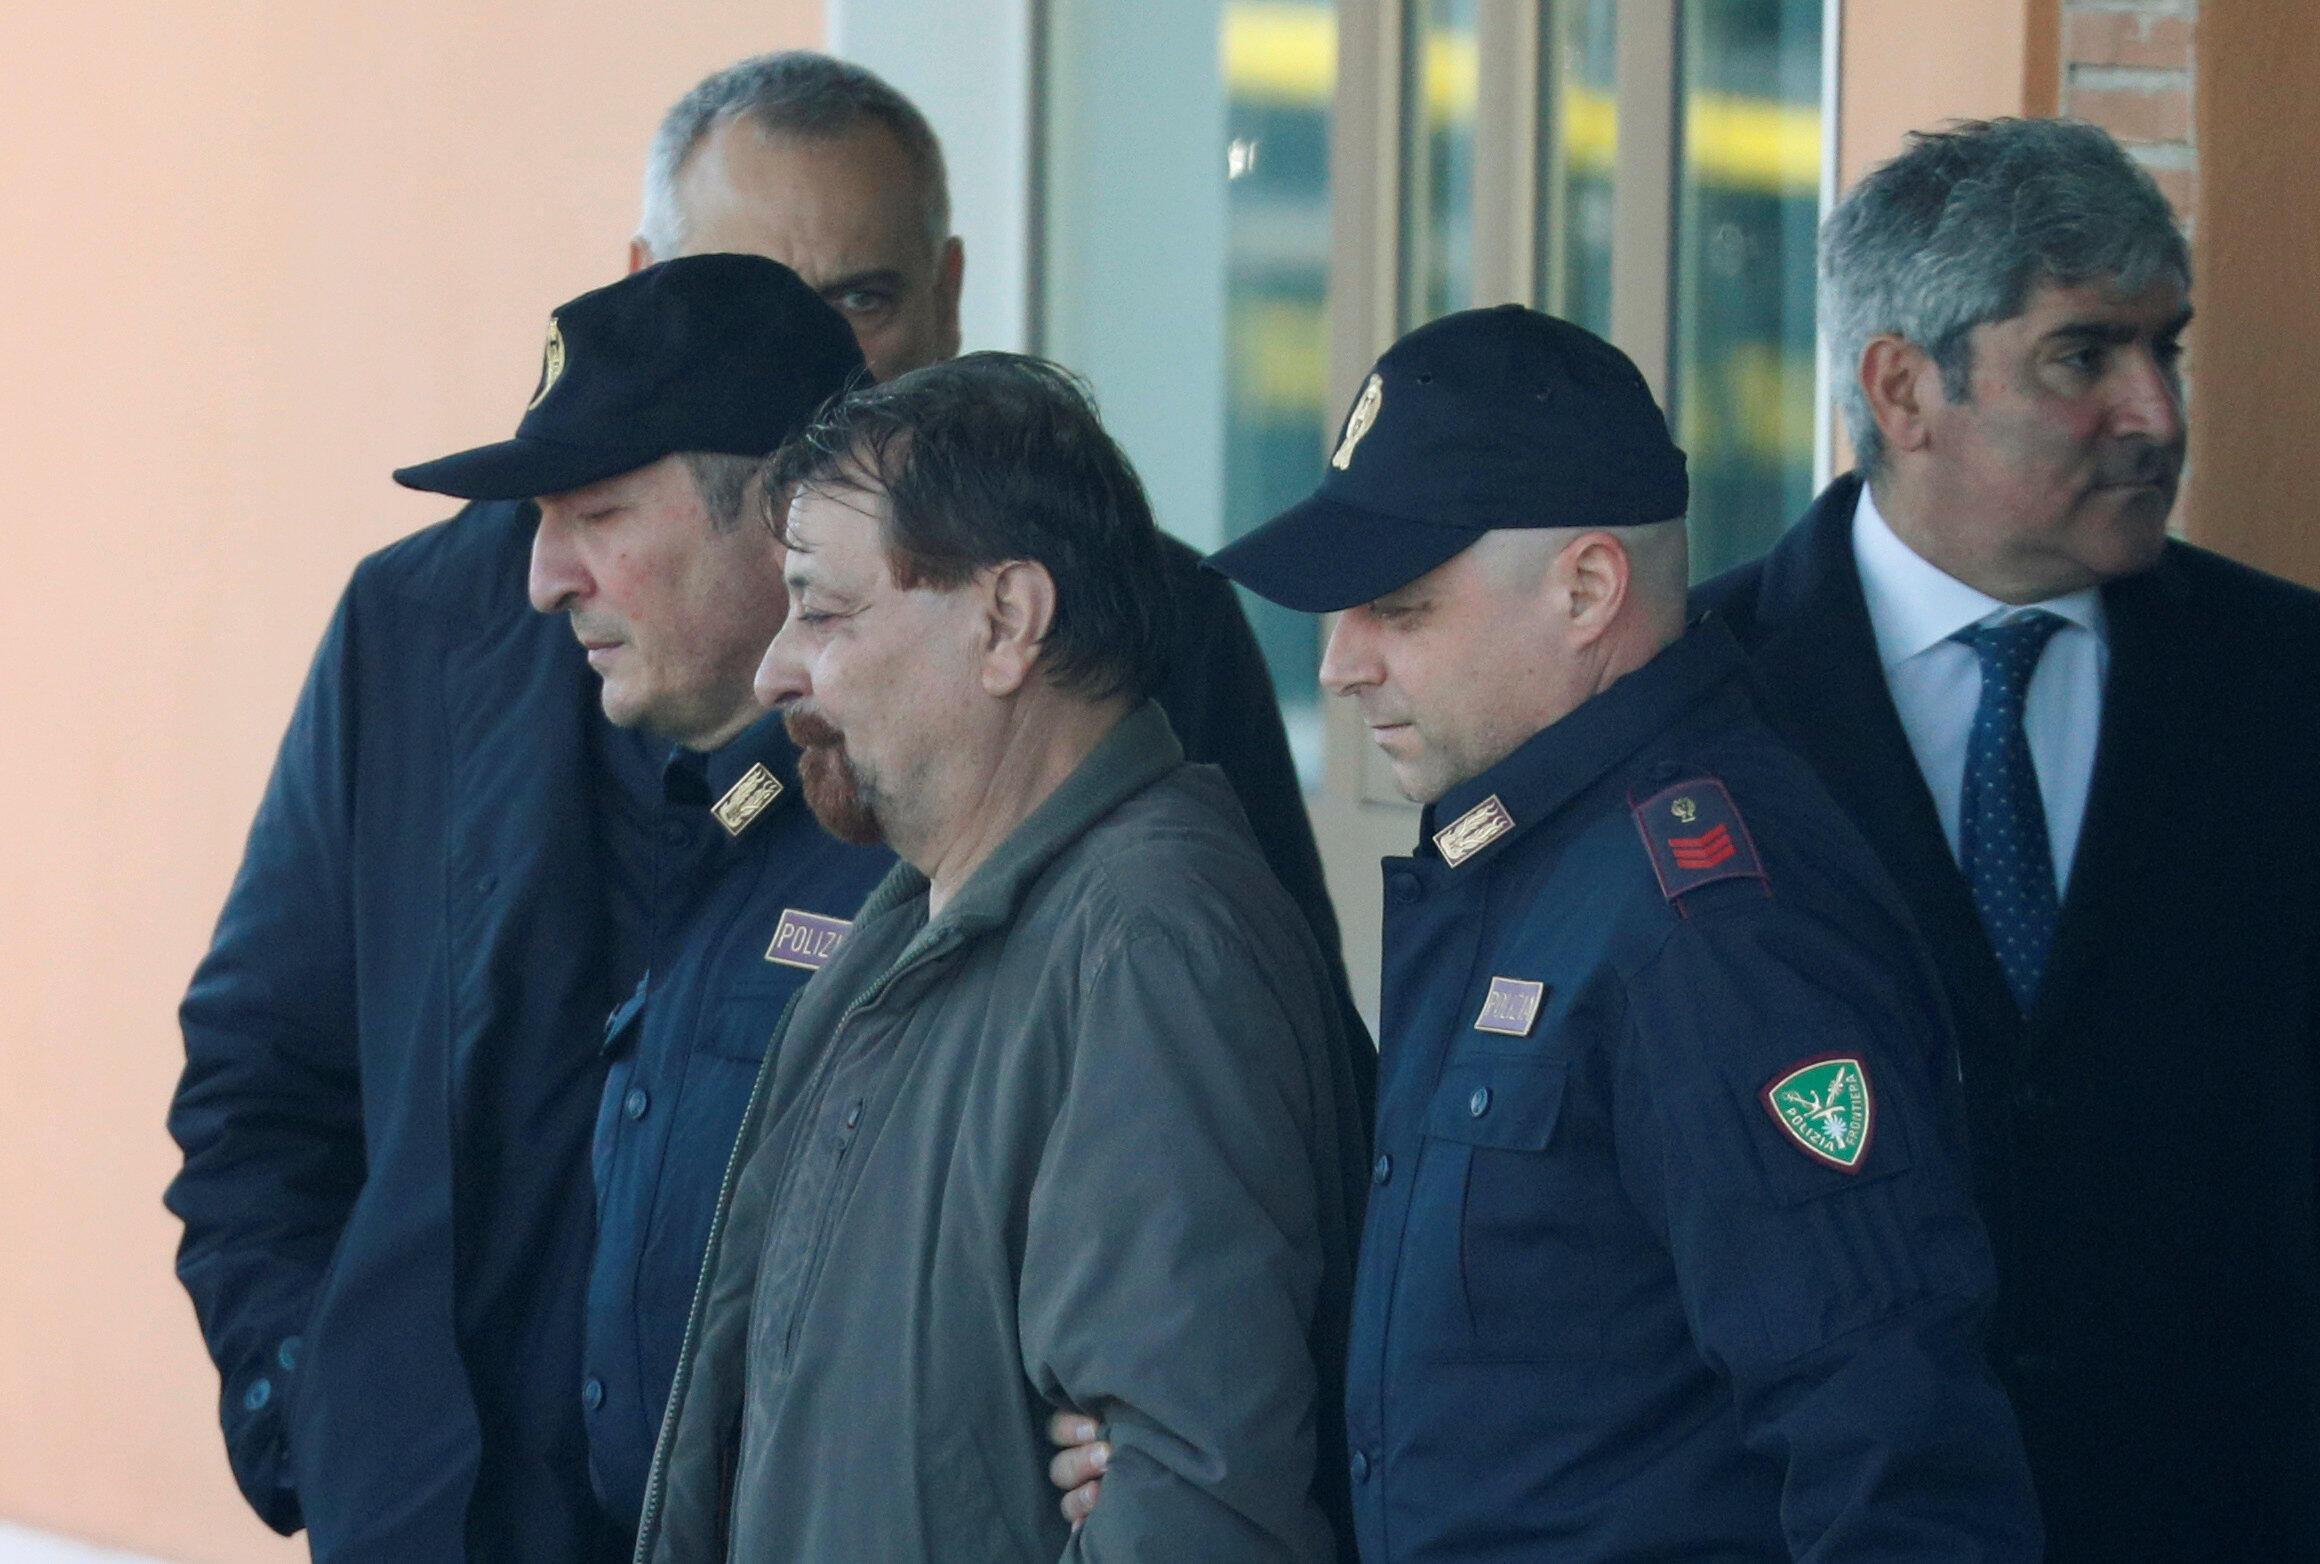 Cesare Battisti é escoltado pela polícia do aeroporto de Ciampino, em Roma, Itália, em 14 de janeiro de 2019.